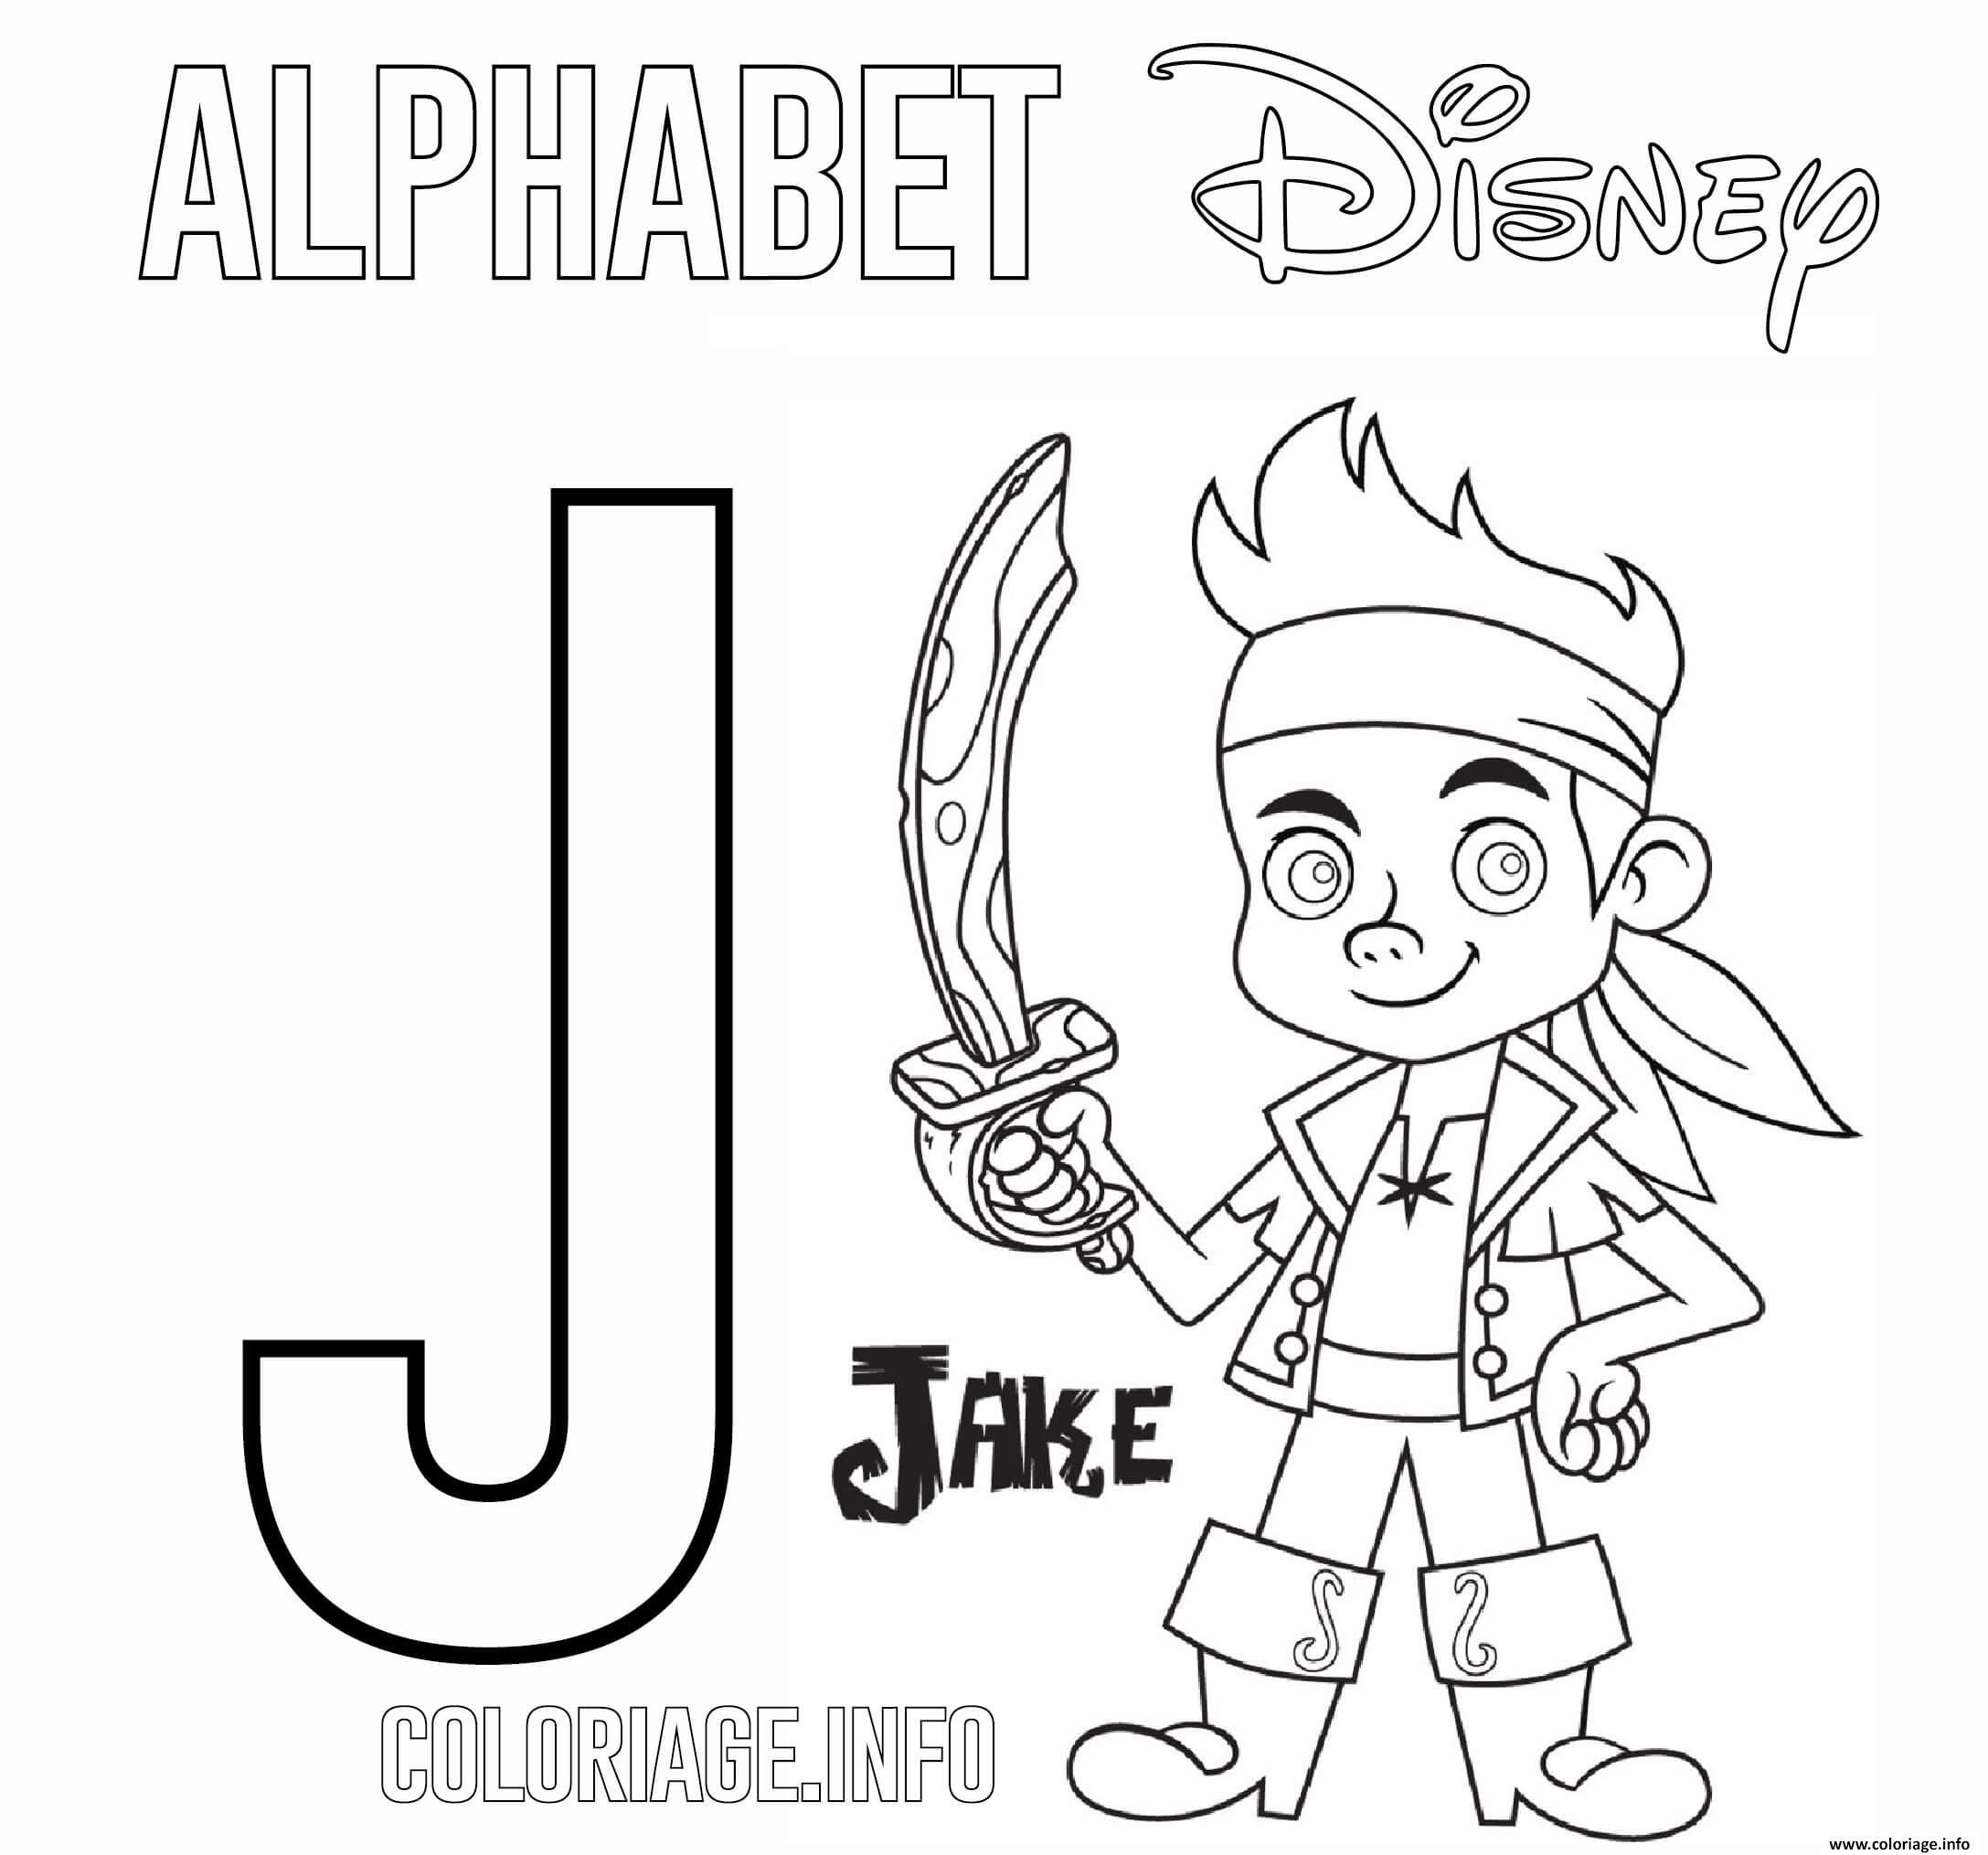 Dessin Lettre J pour Jakes Coloriage Gratuit à Imprimer